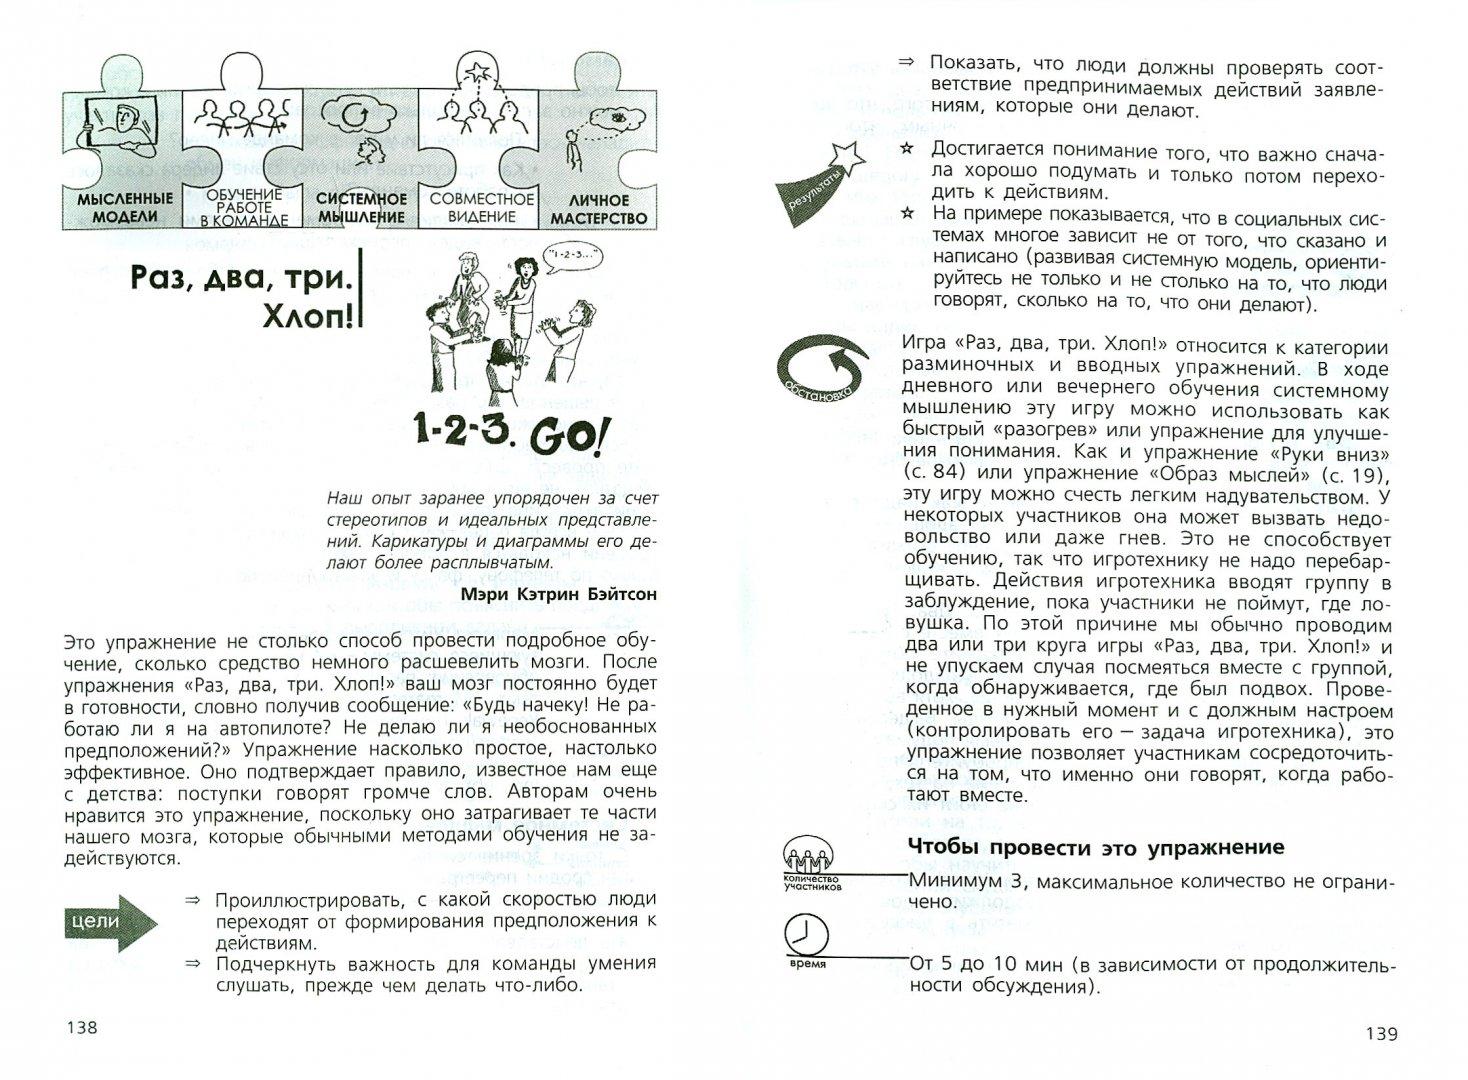 Иллюстрация 1 из 2 для Сборник игр для развития системного мышления - Бут, Медоуз | Лабиринт - книги. Источник: Лабиринт